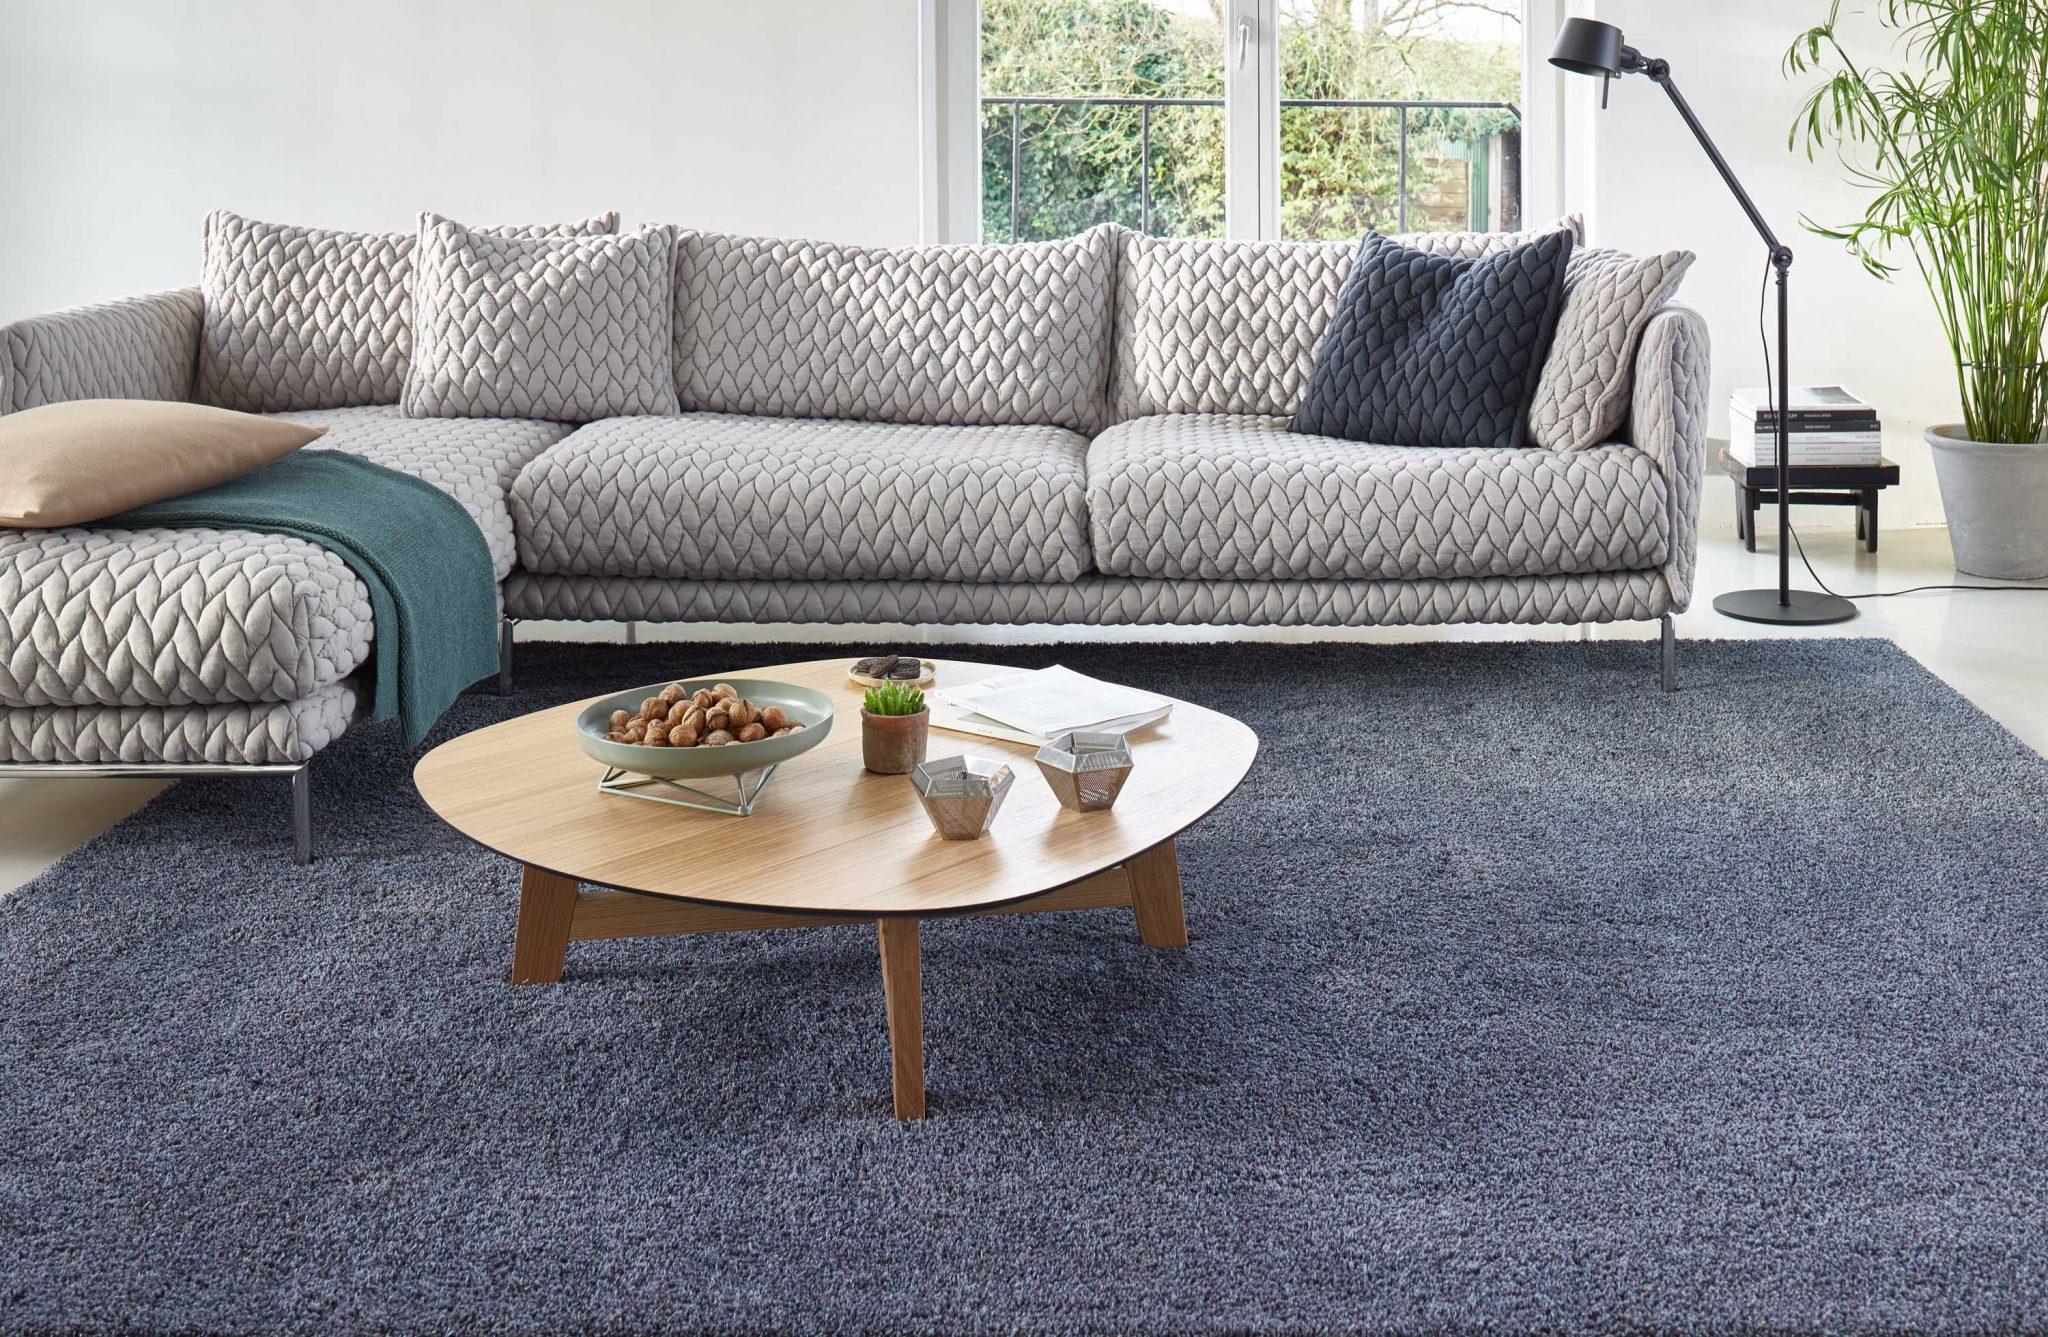 Tapijt Laten Leggen : Tapijt laten leggen vloer laten leggen verhoef vloeren